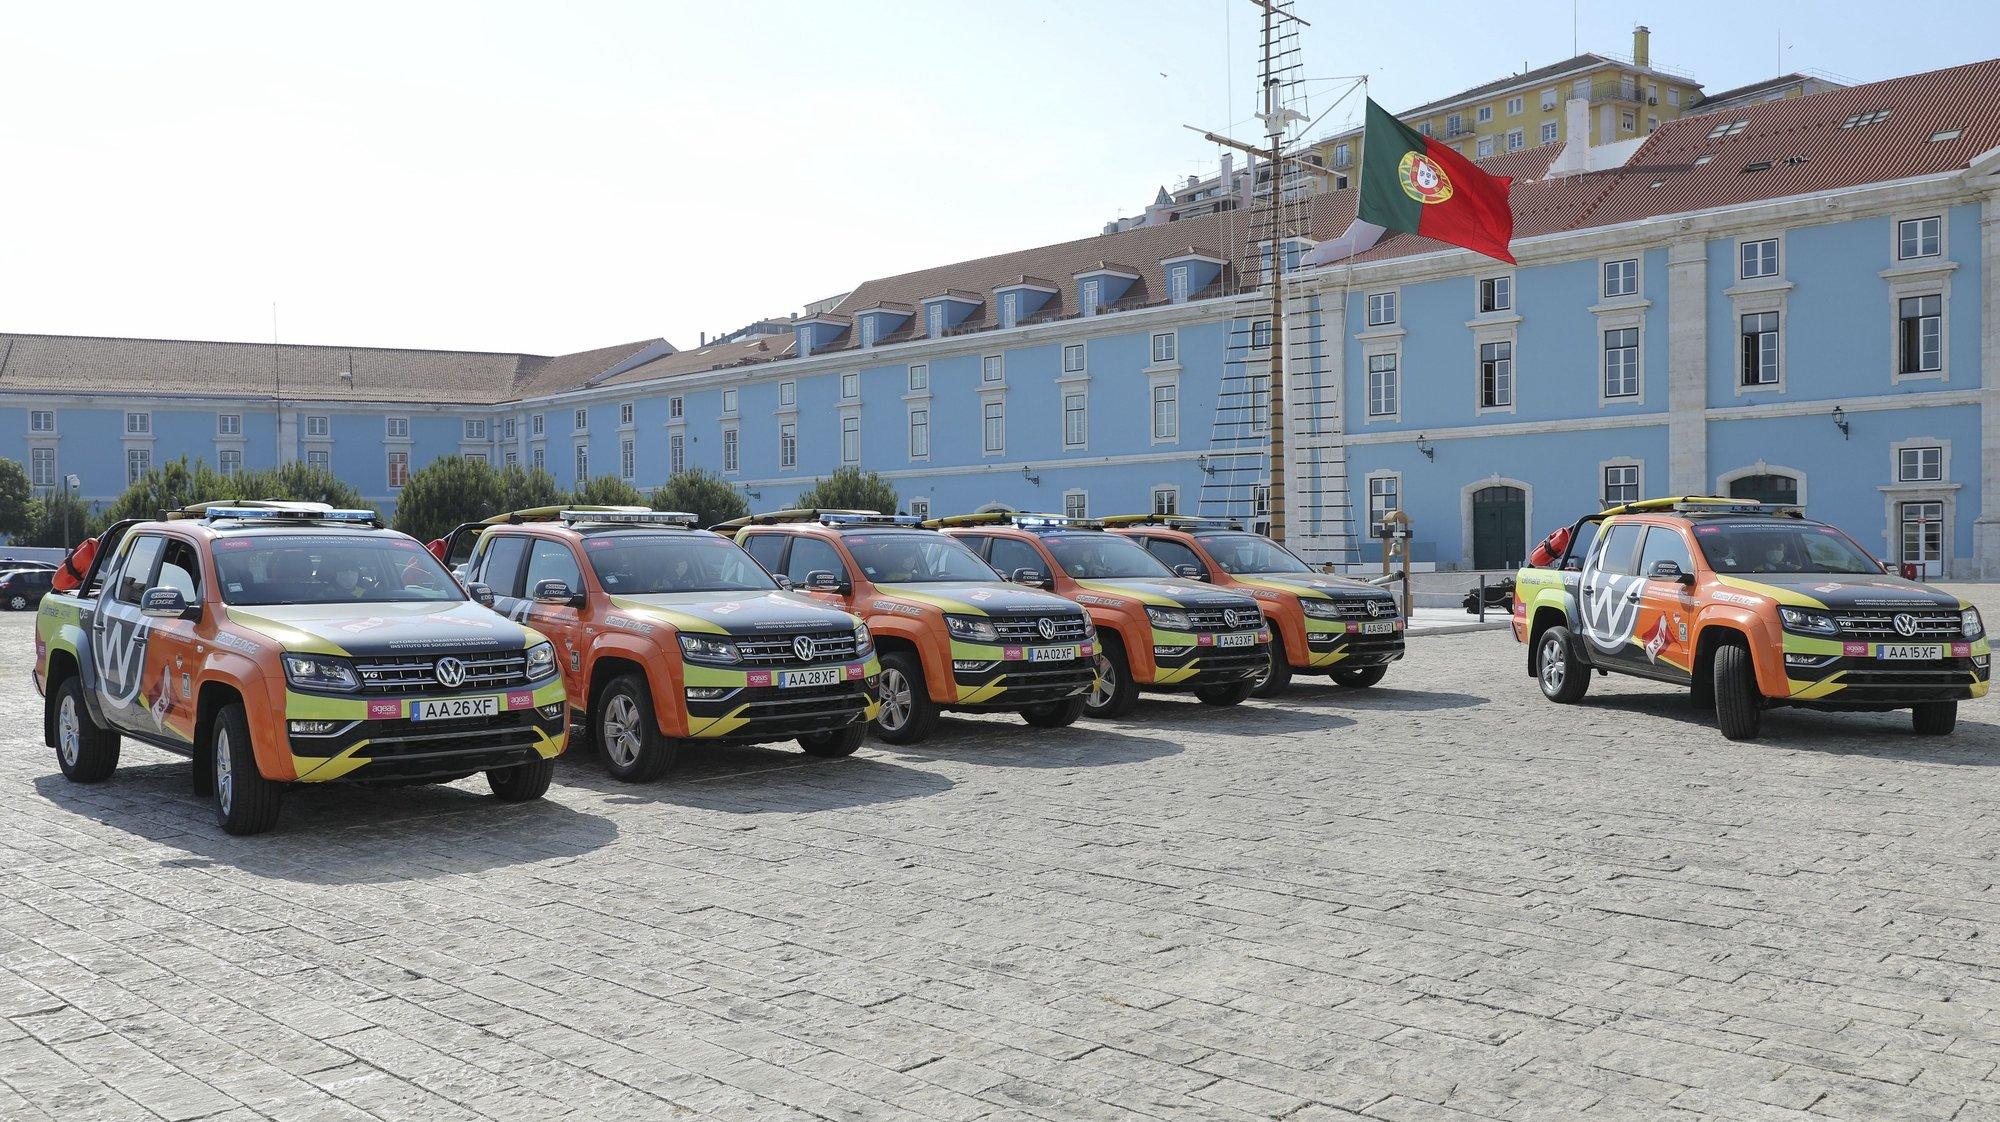 Viaturas AMAROK (todo-o-terreno) entregues hoje ao Instituto de Socorros a Náufragos numa cerimónia que contou com a presença do ministro da Defesa, João Gomes Cravinho (ausente da foto), Lisboa, 29 de maio de 2020. MIGUEL A. LOPES/LUSA